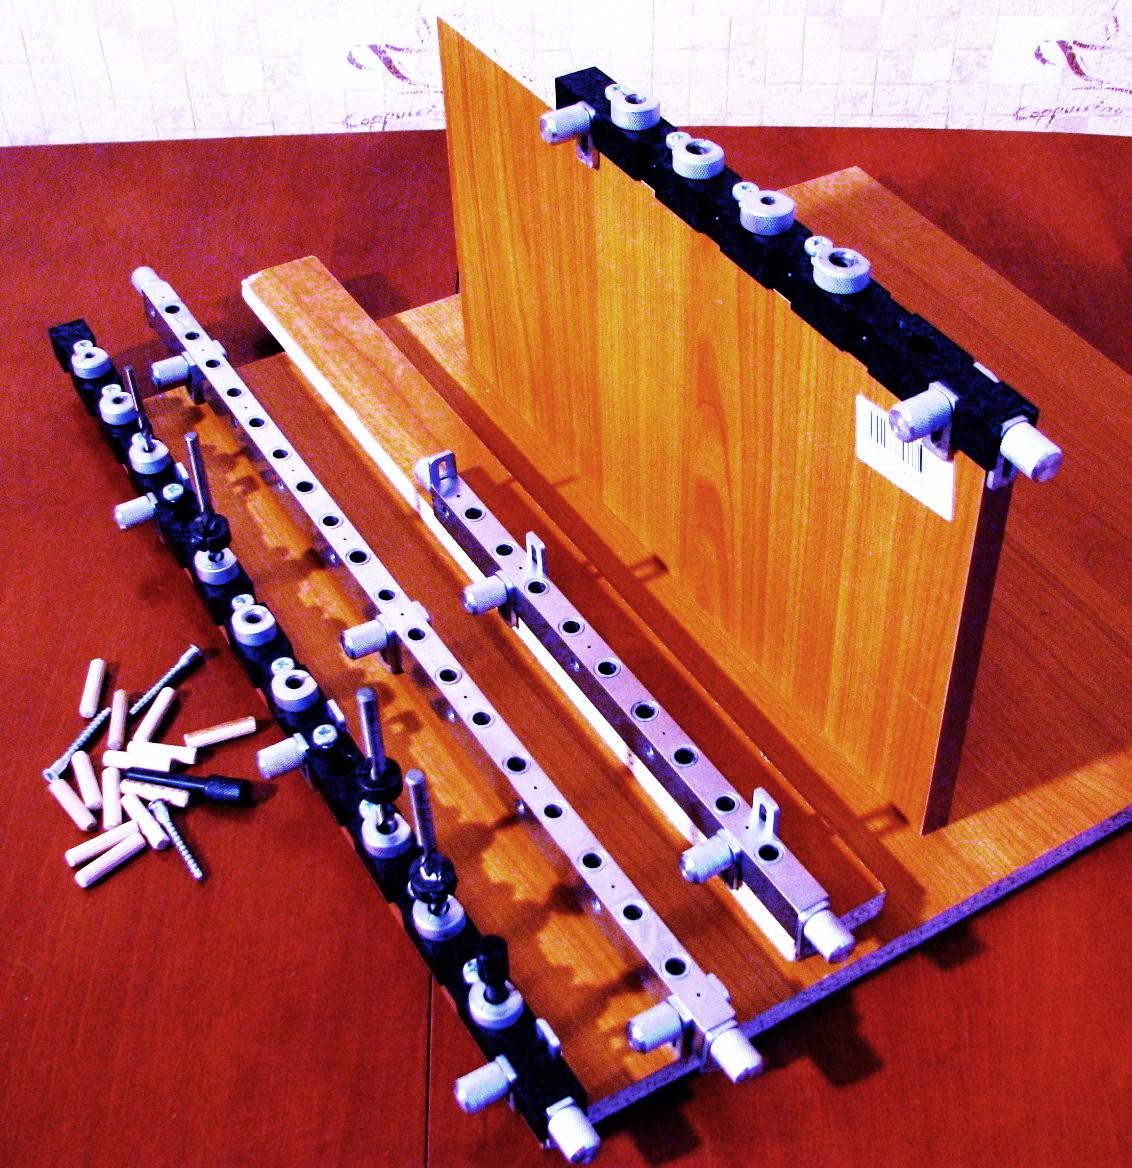 Кондуктор для сверления отверстий своими руками: шаблон для 99